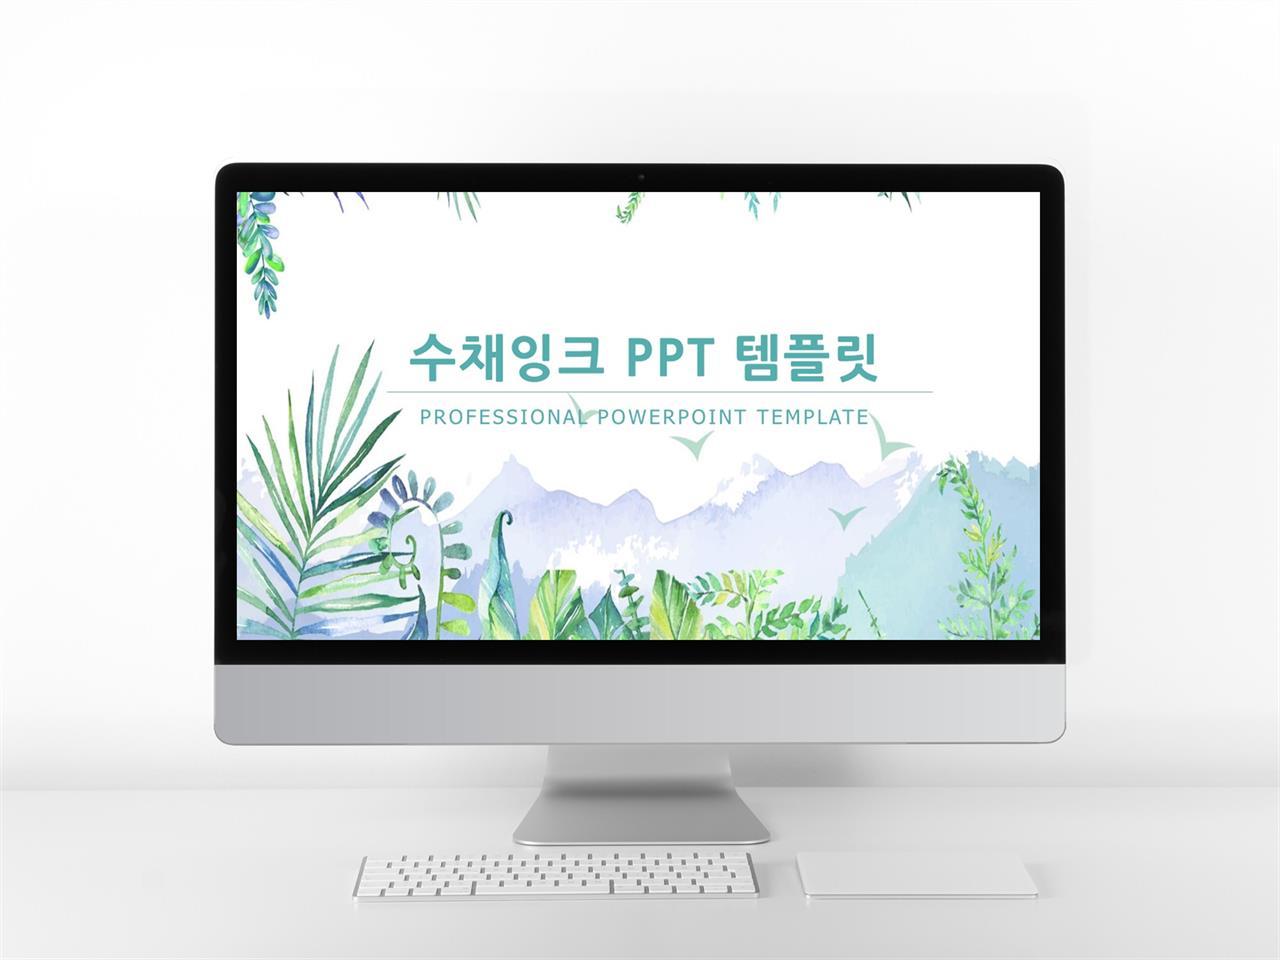 플라워, 동물주제 그린색 수채화 고급스럽운 POWERPOINT테마 사이트 미리보기